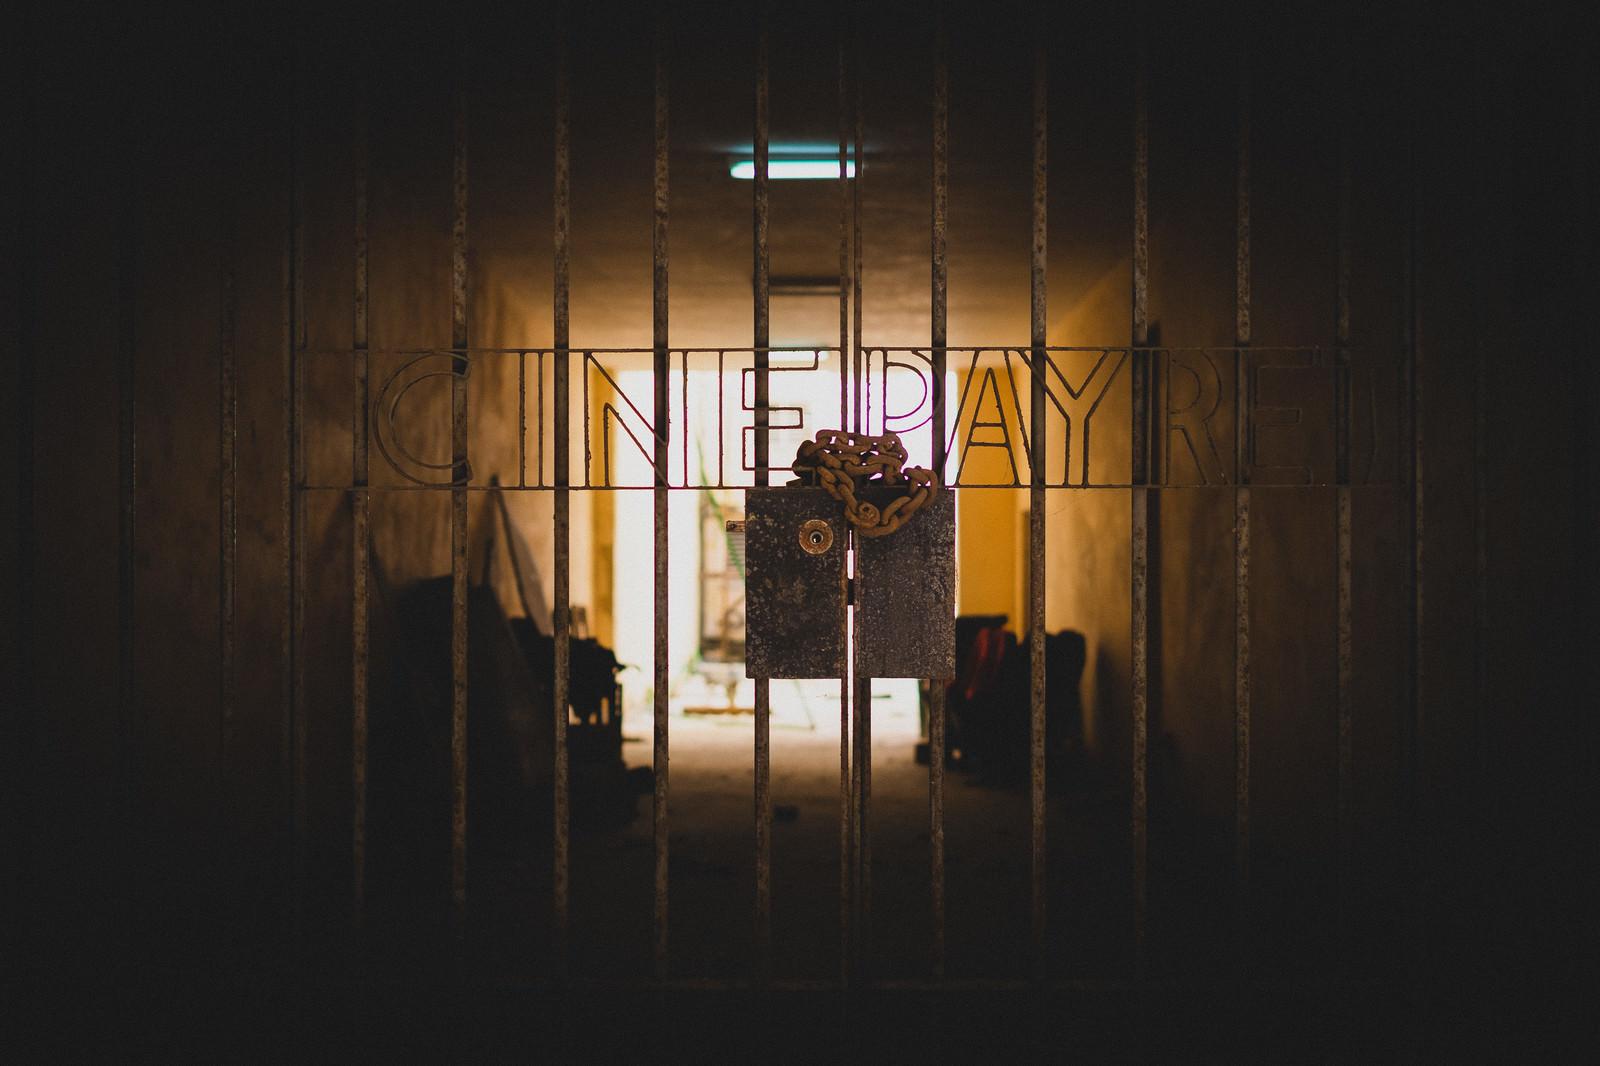 「鎖で封をされた鉄格子鎖で封をされた鉄格子」のフリー写真素材を拡大